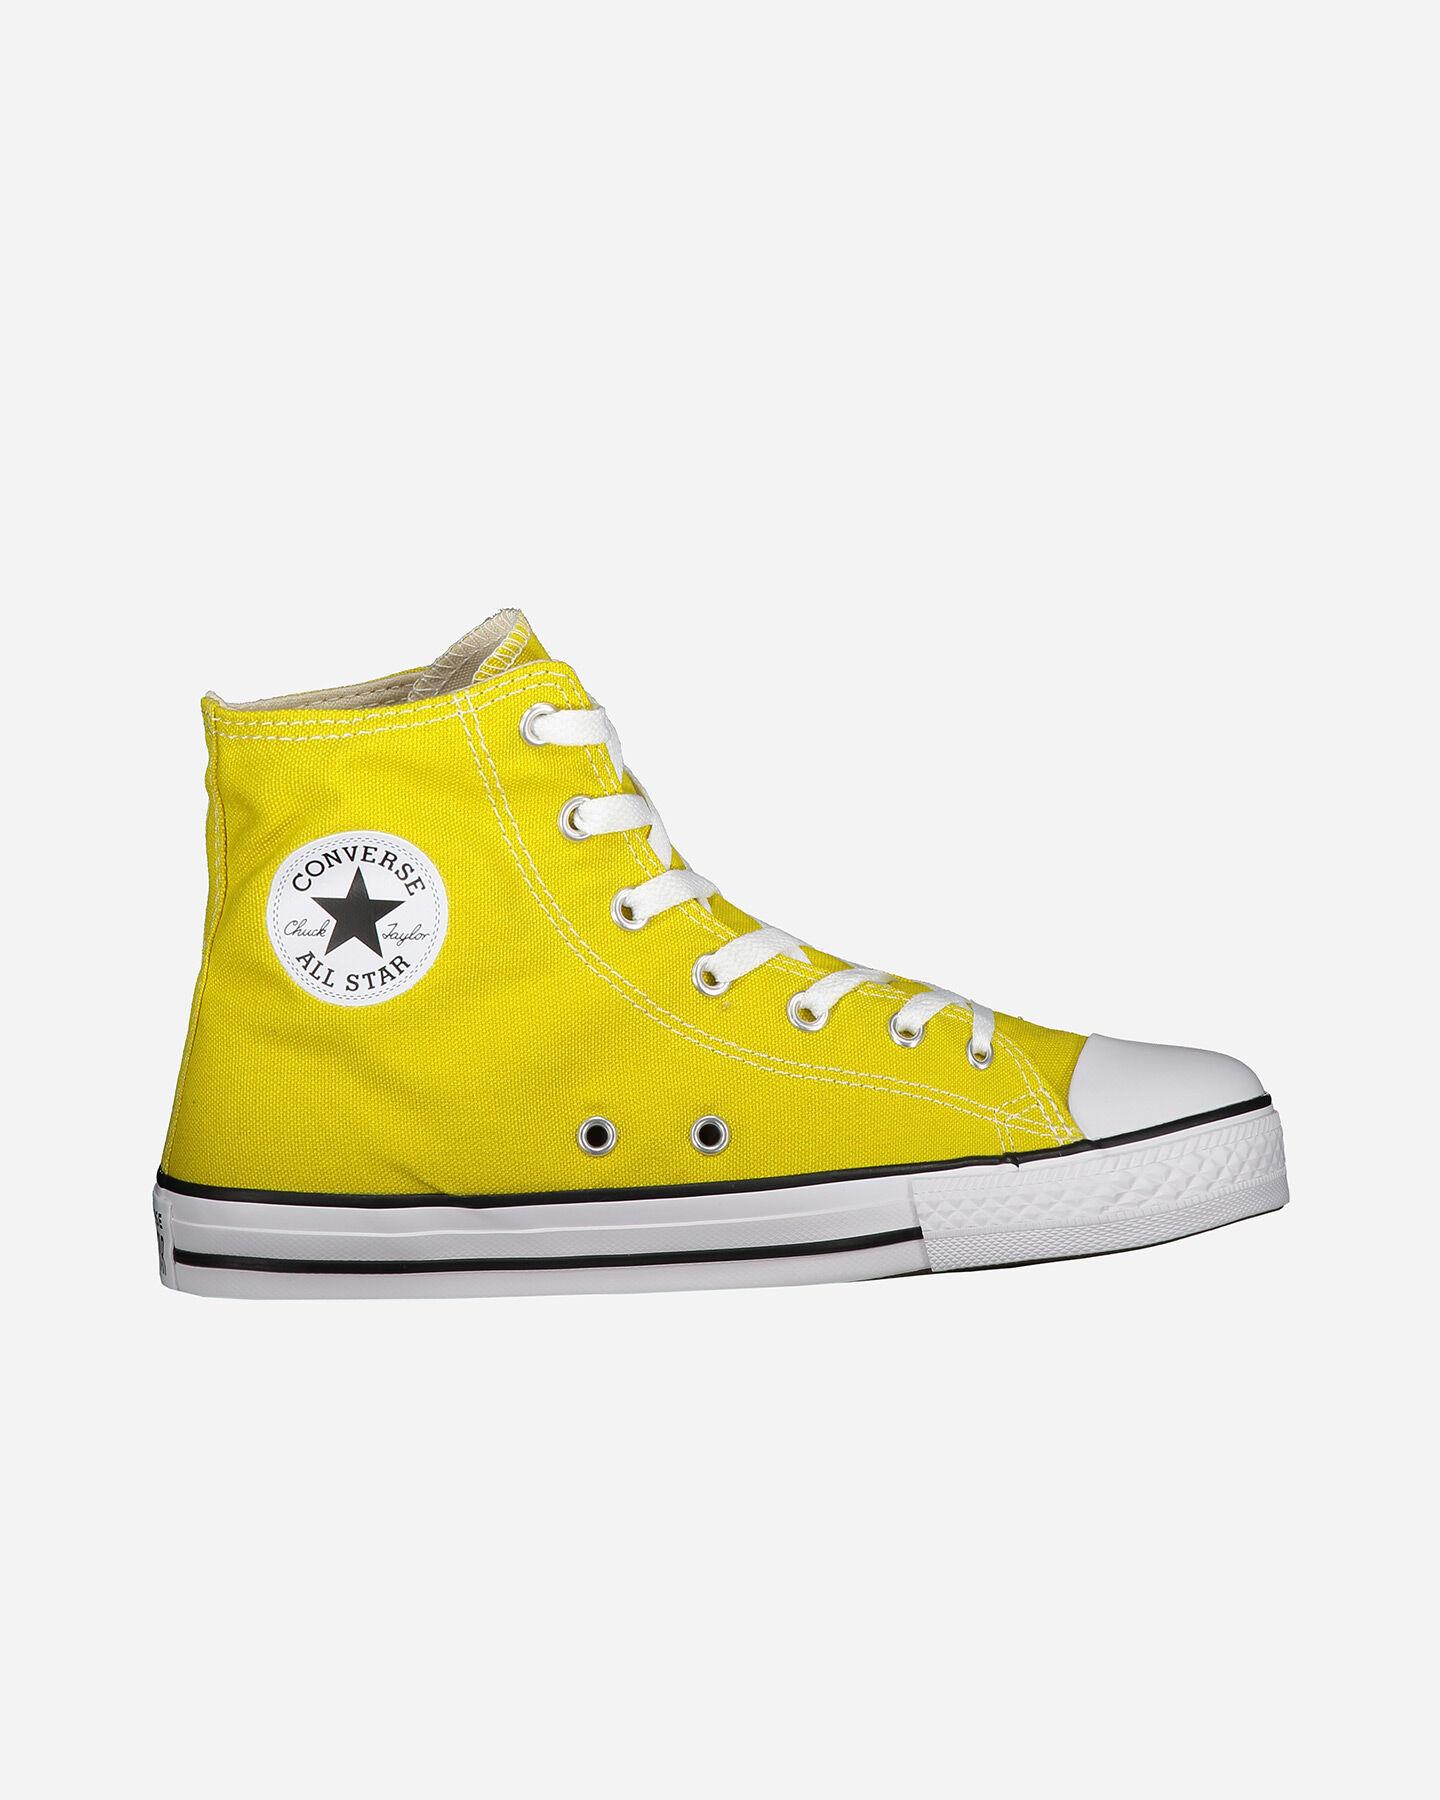 scarpe converse alte donna estive